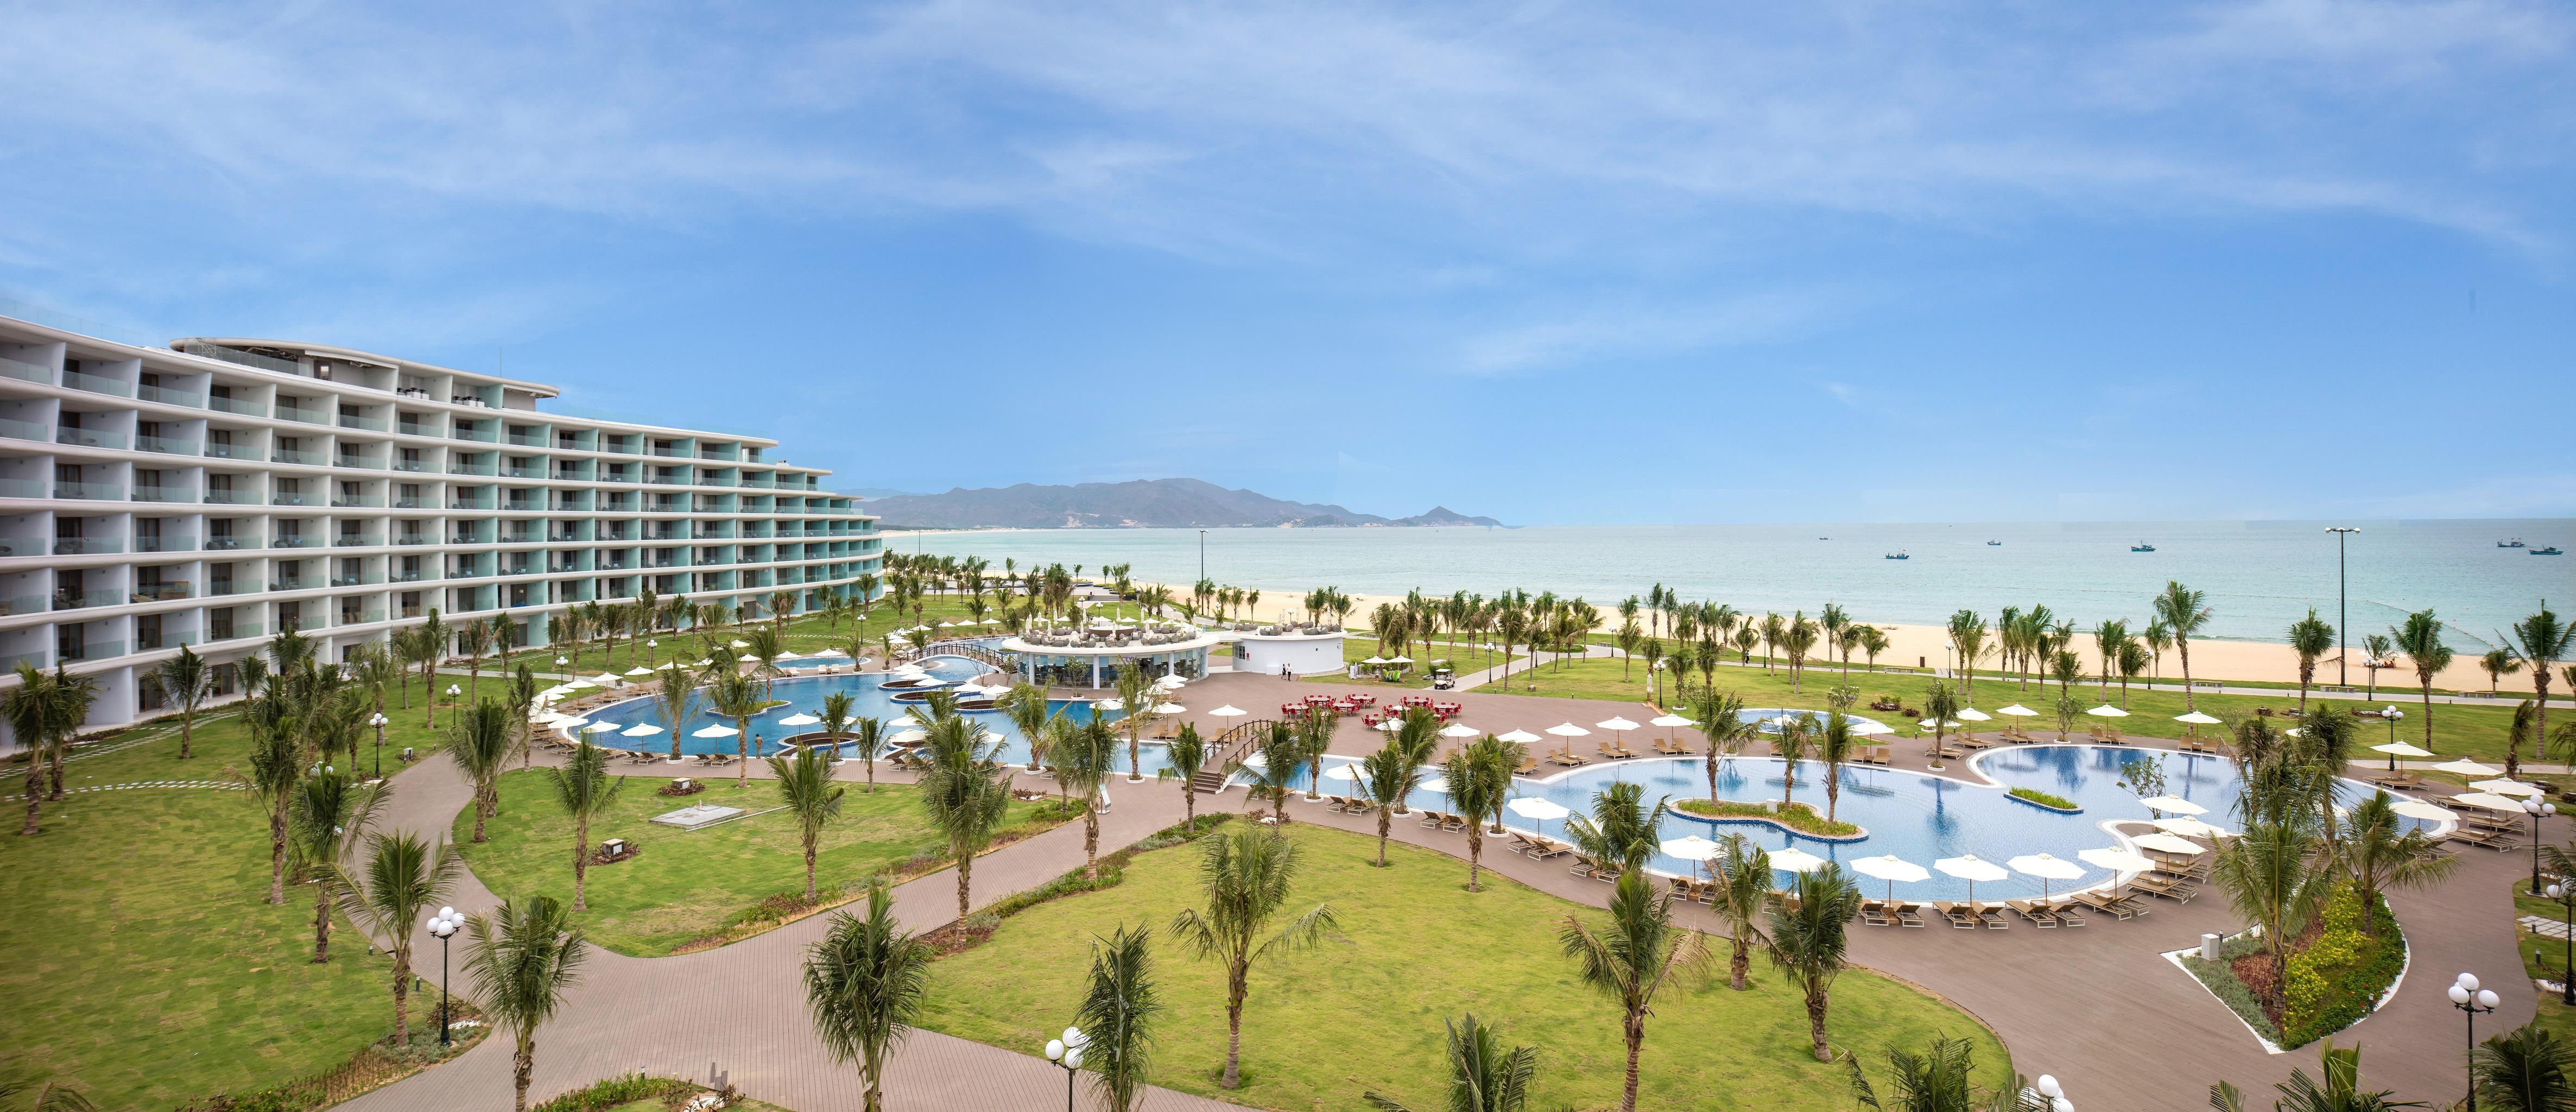 Flc Luxury Hotel Quy Nhon, Qui Nhơn